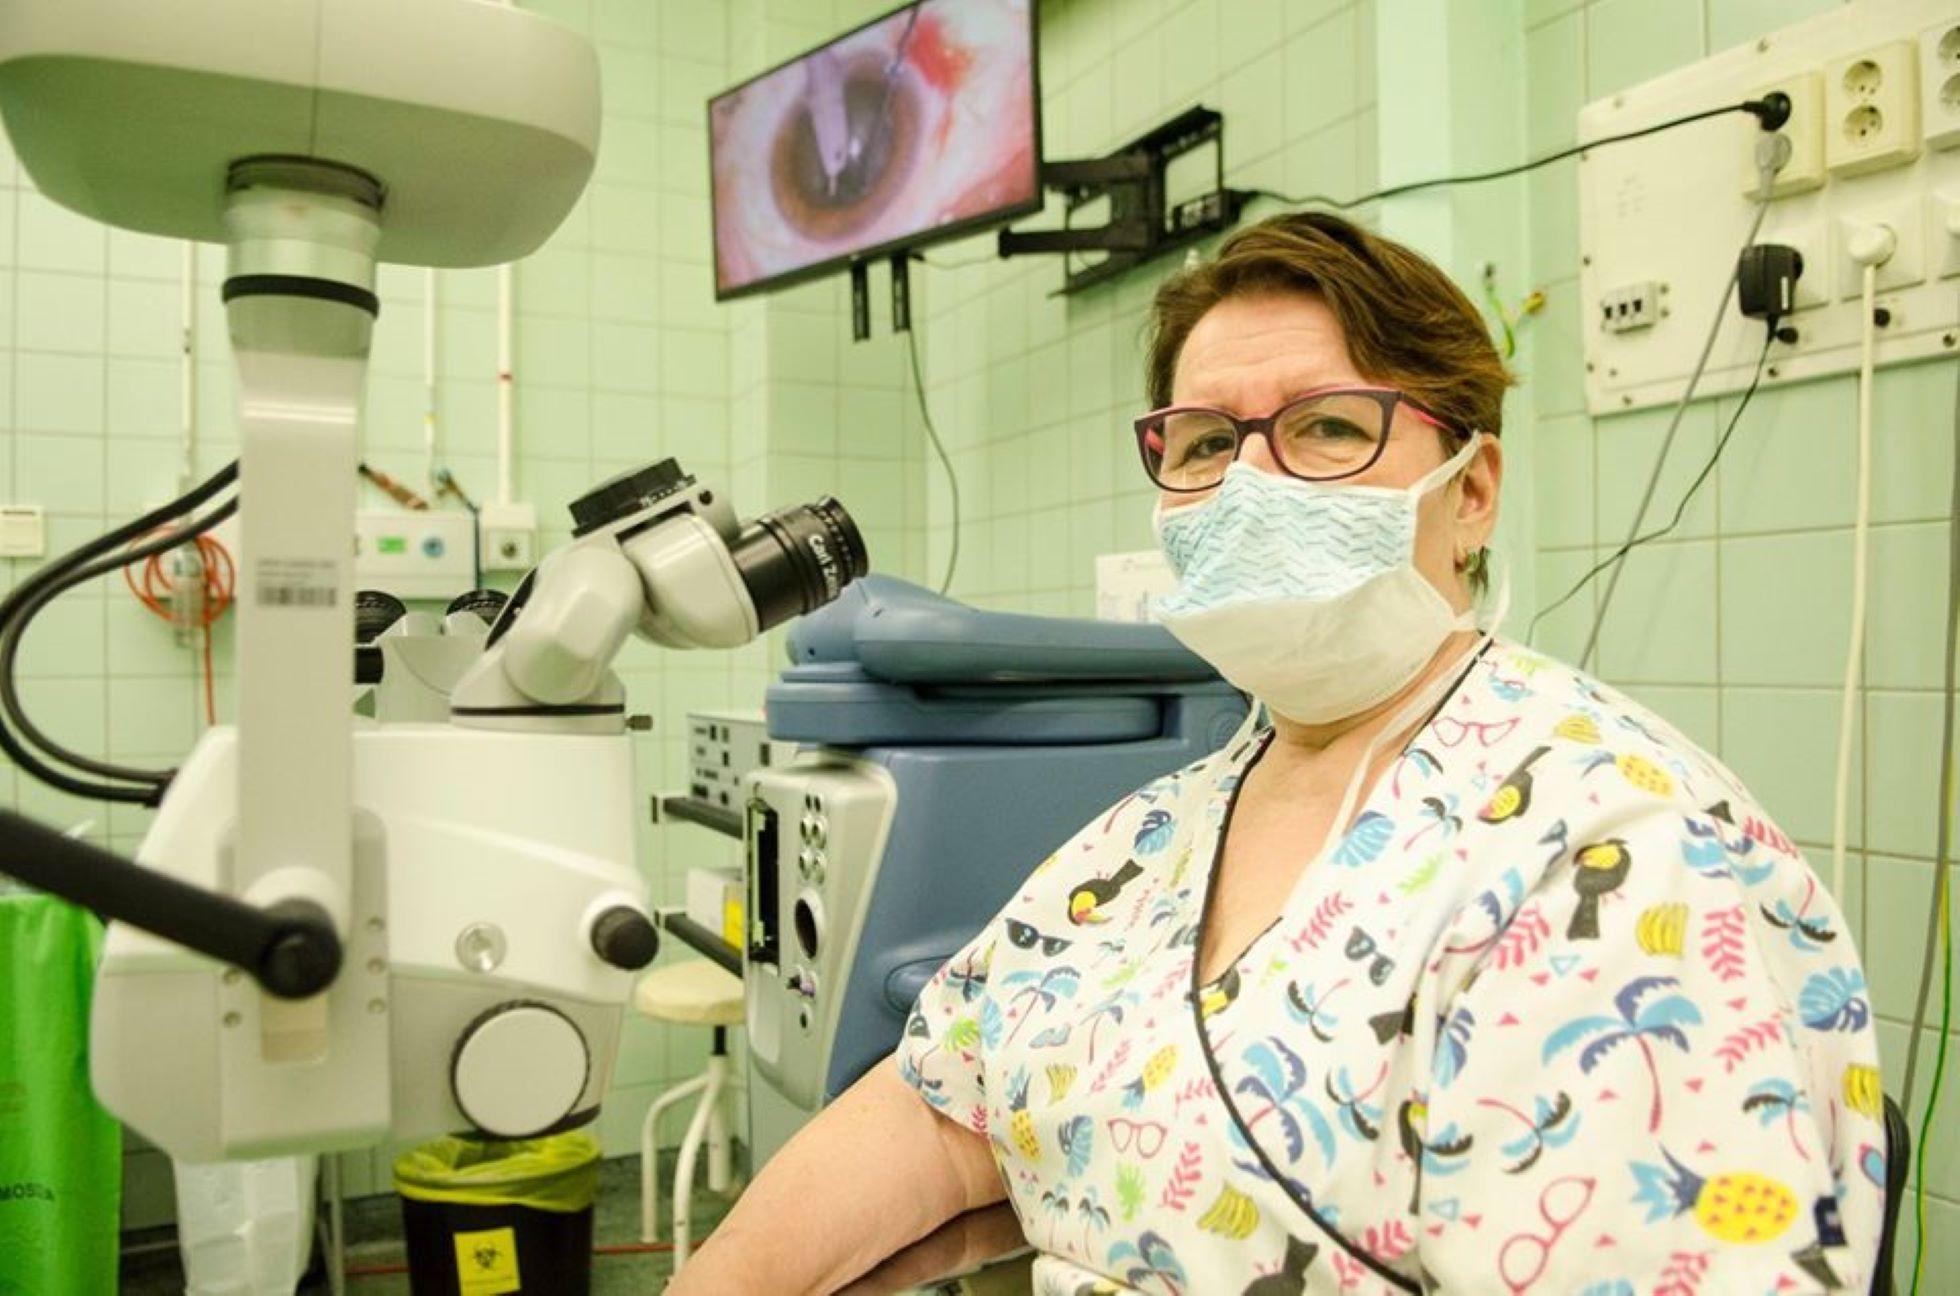 hogyan lehet javítani a látás vizét hogyan lehet gyógyítani a látást 12 éves